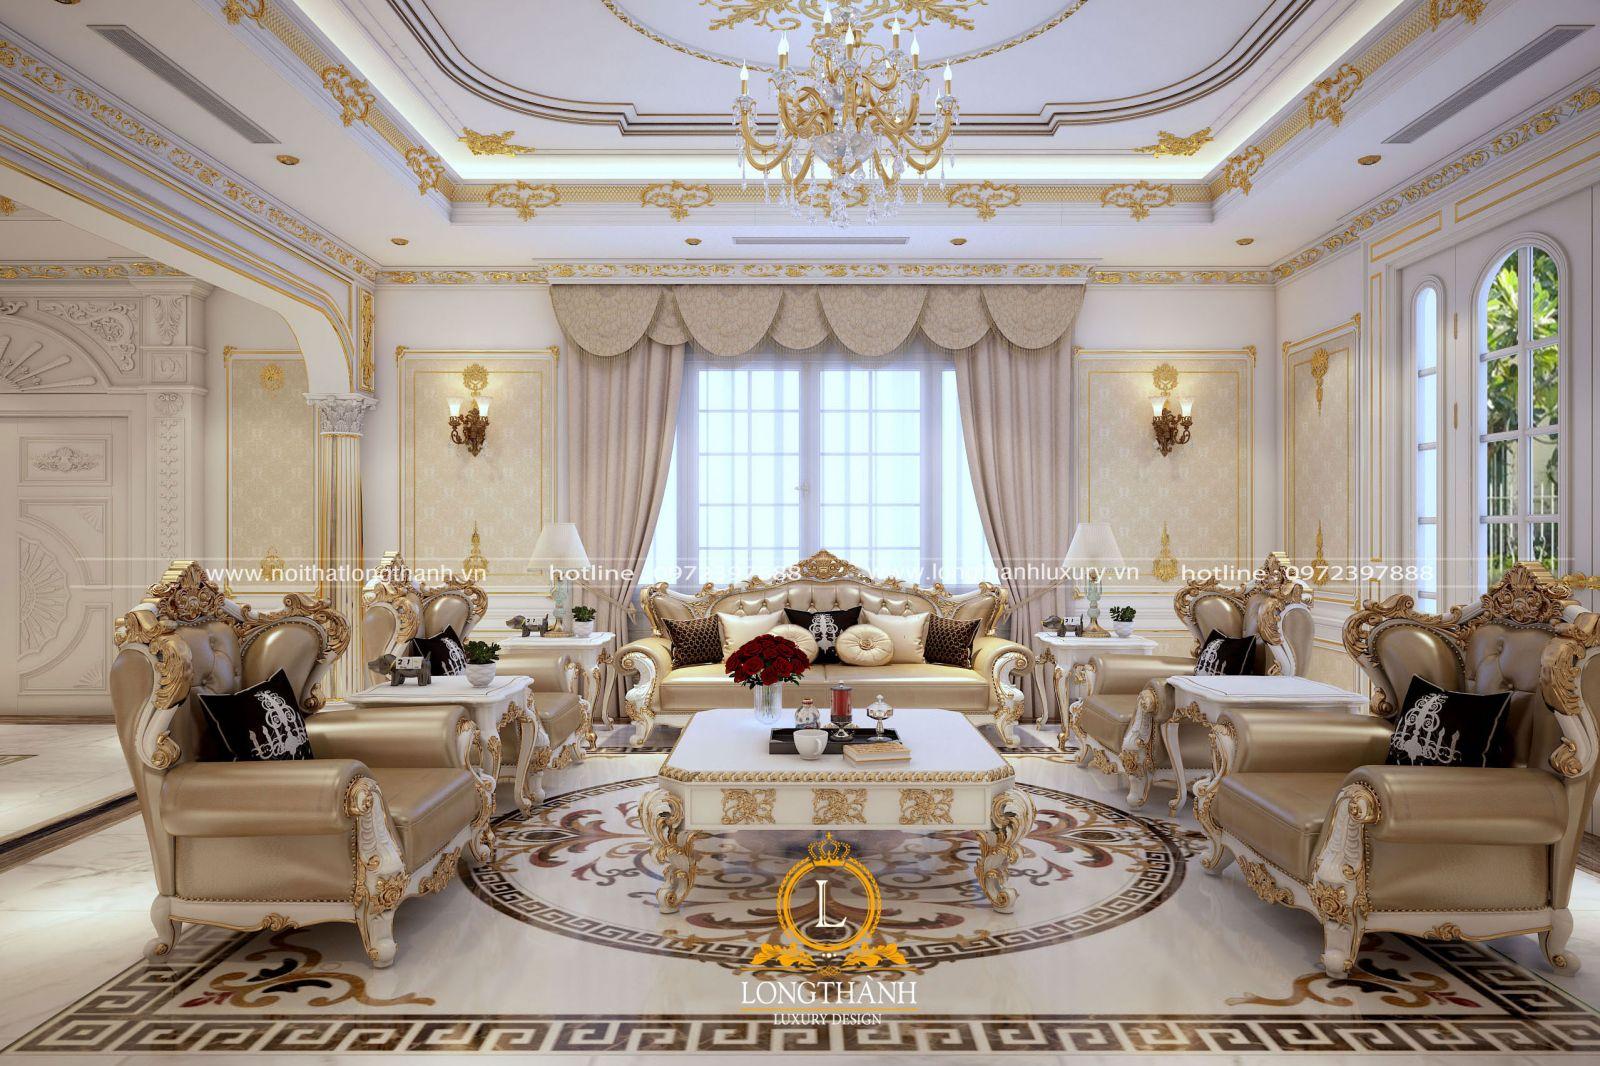 Phòng khách biệt thự đẳng cấp là nơi thể hiện dấu ấn cá tính của chủ nhân